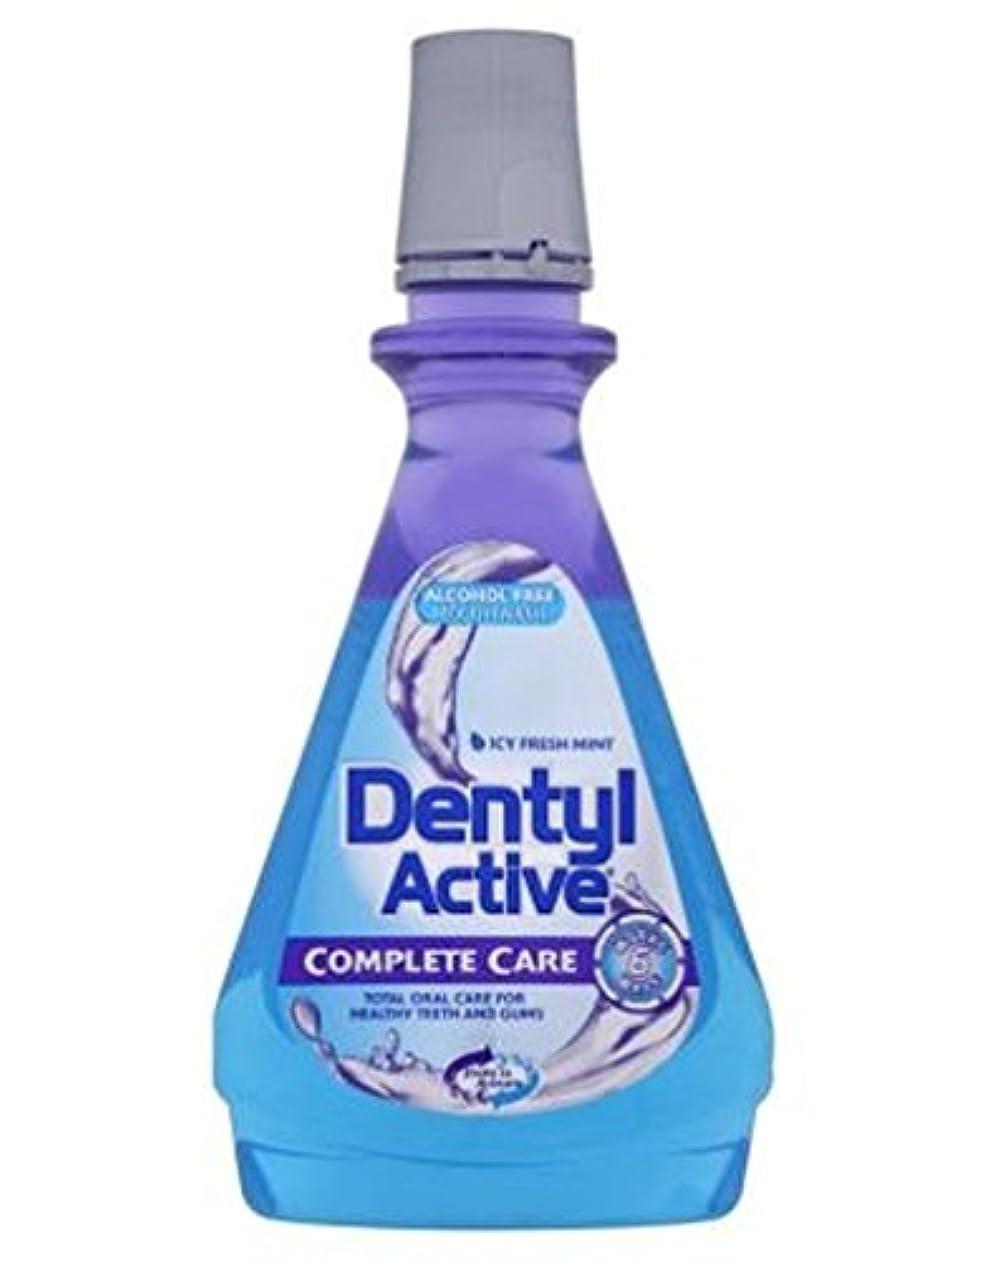 プーノ免除ニックネームDentyl Active Care Mint Mouthwash 500ml - Dentylアクティブケアミントマウスウォッシュ500ミリリットル (Dentyl) [並行輸入品]